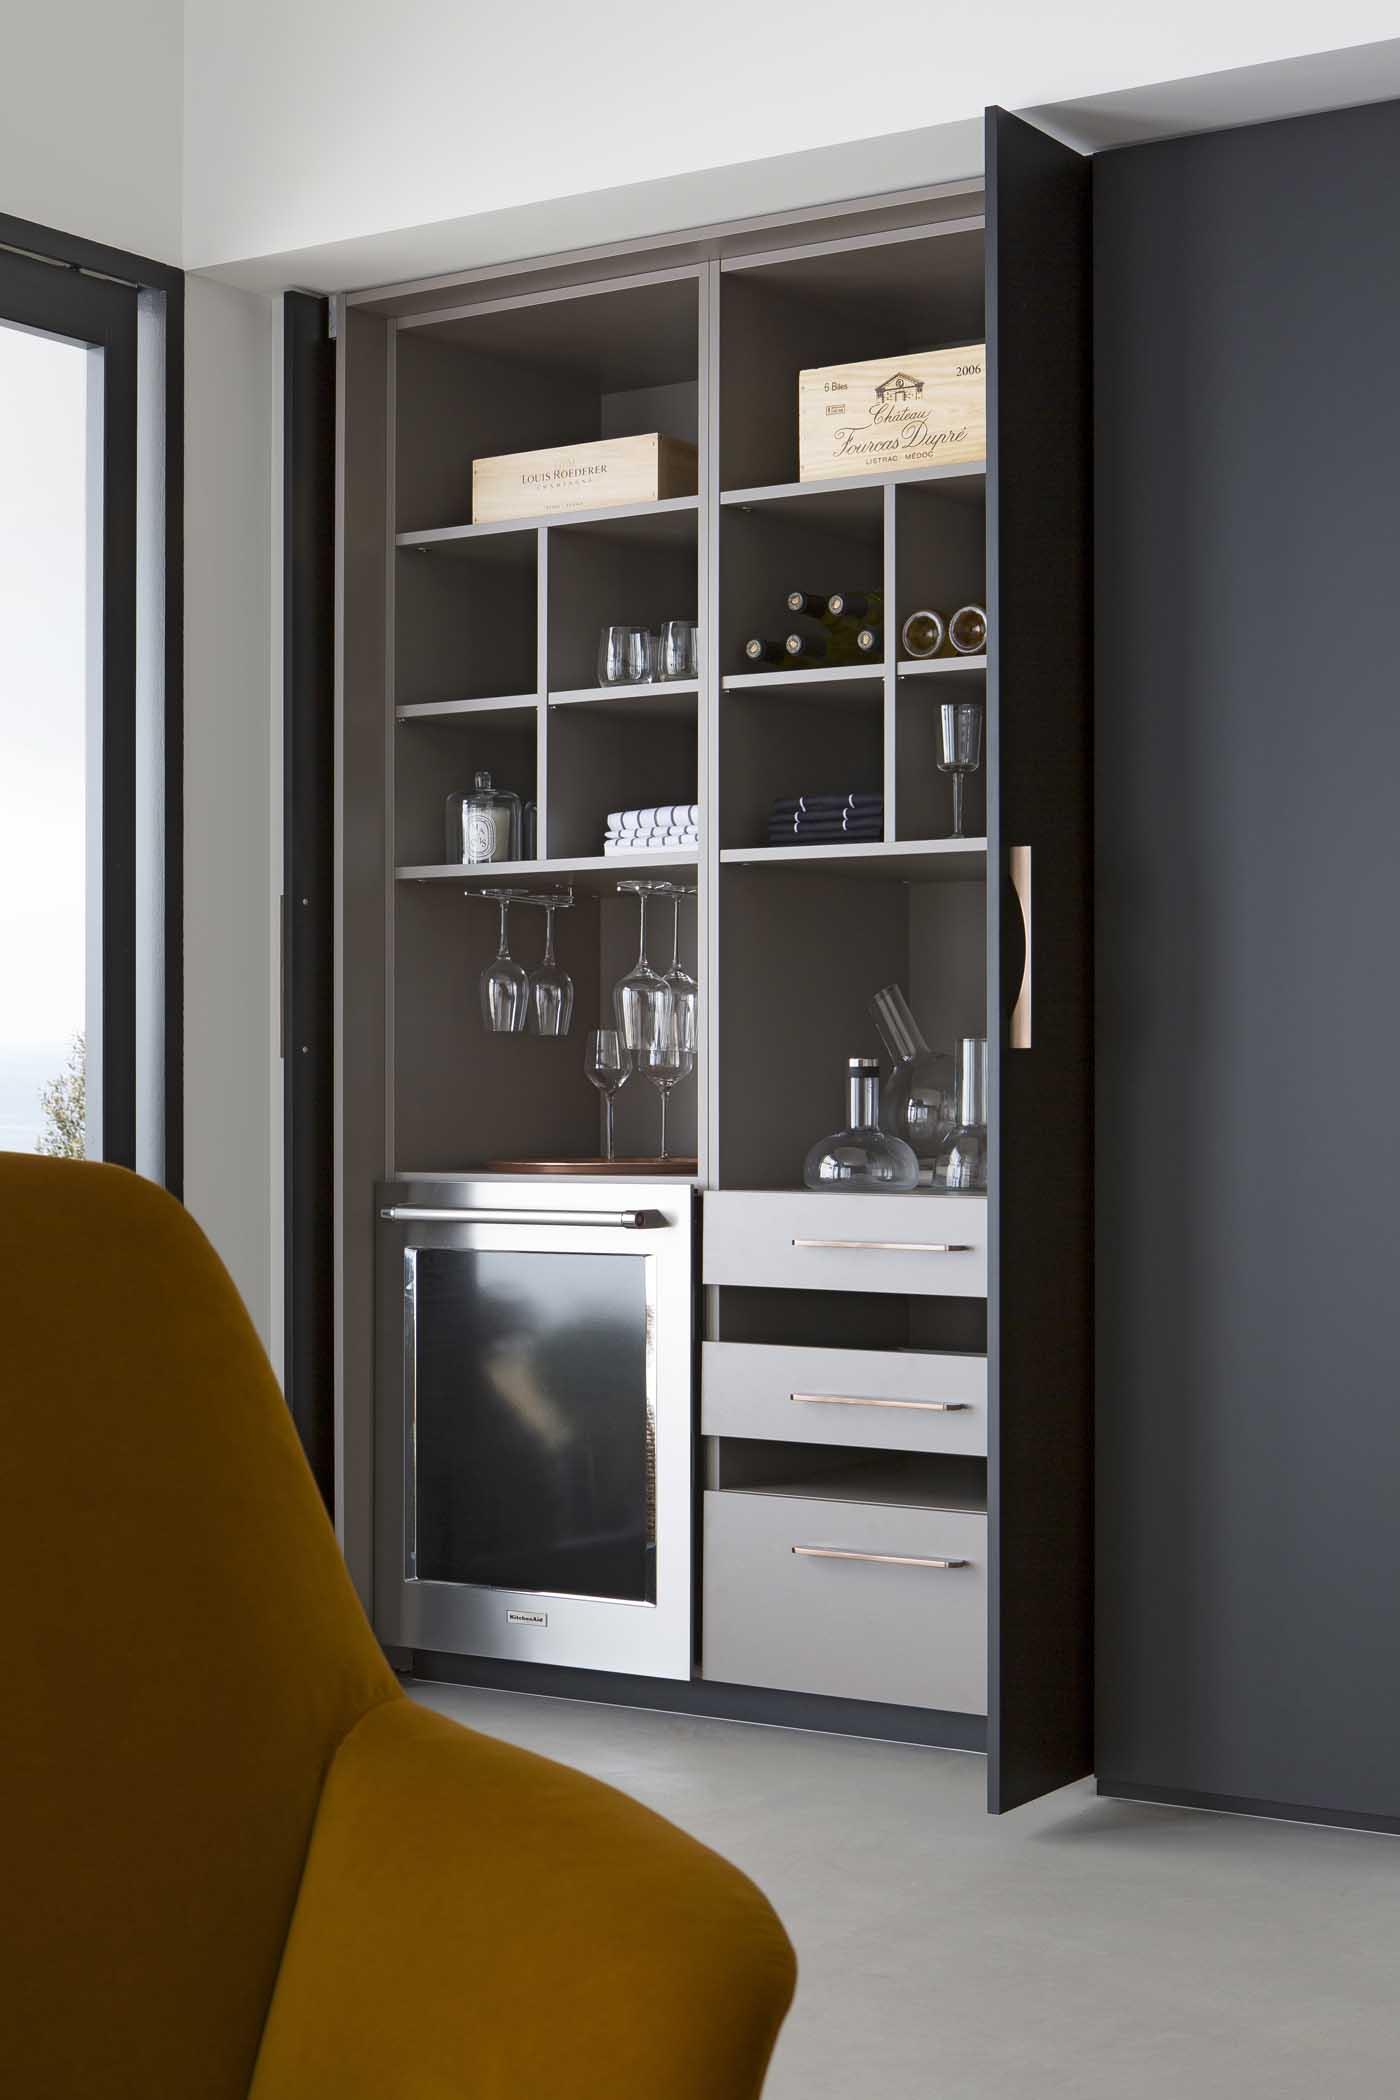 Cuisine b600h placage palissandre v200 verni noir mat for Placage porte cuisine